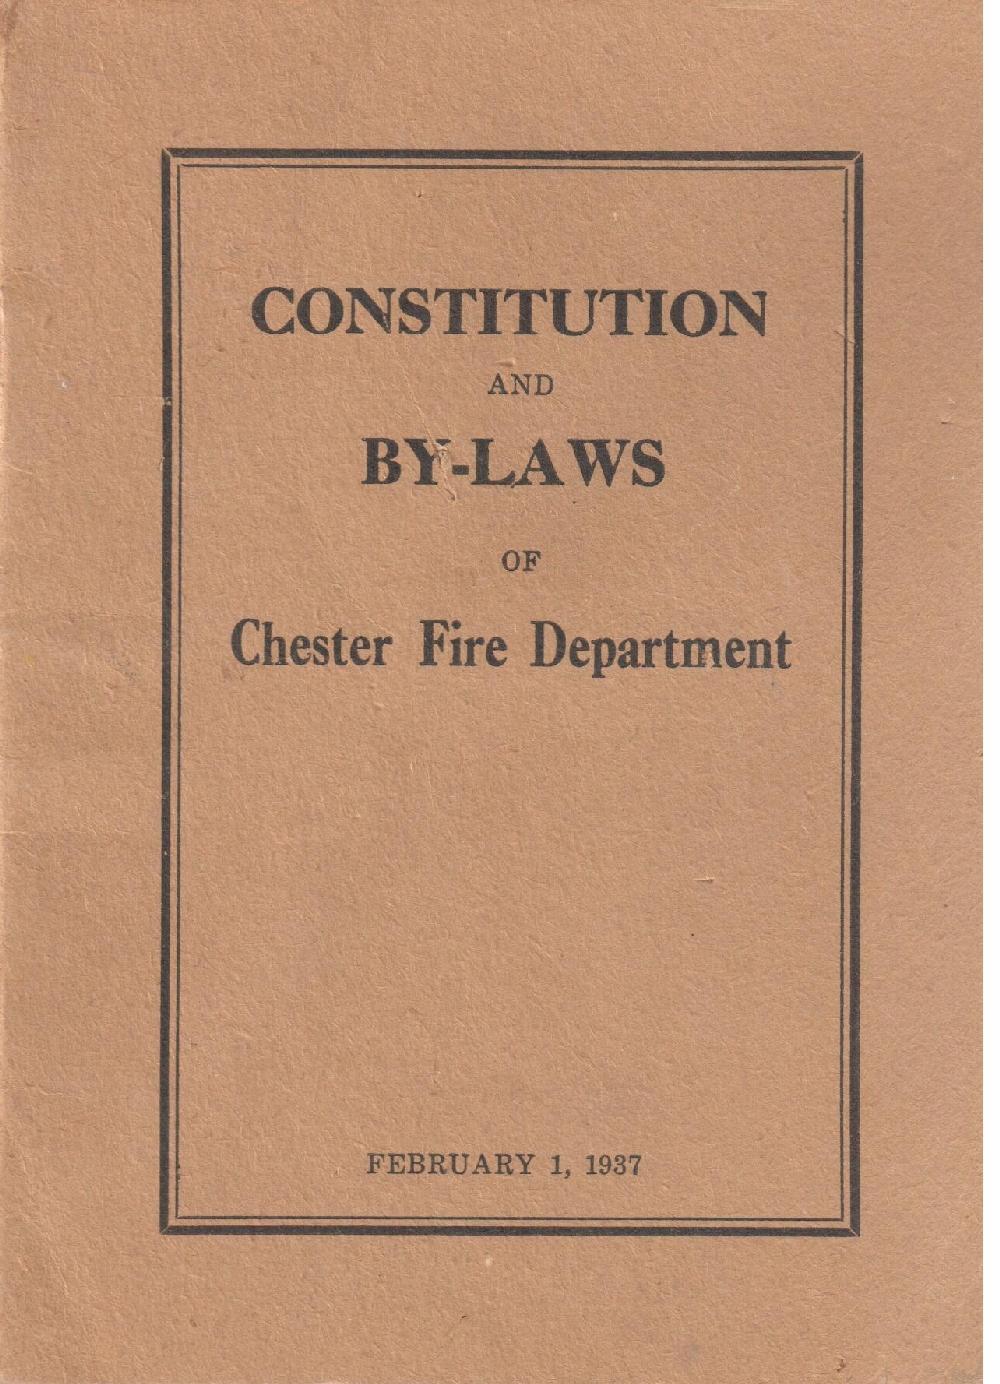 La couverture d'une petite brochure brun clair avec lettrage noir où l'on peut lire : « Constitution  and Bylaws of Chester Fire Department » (Acte et règlements du service des incendies de Chester). Il s'agit de l'acte et des règlements originels vers 1937.